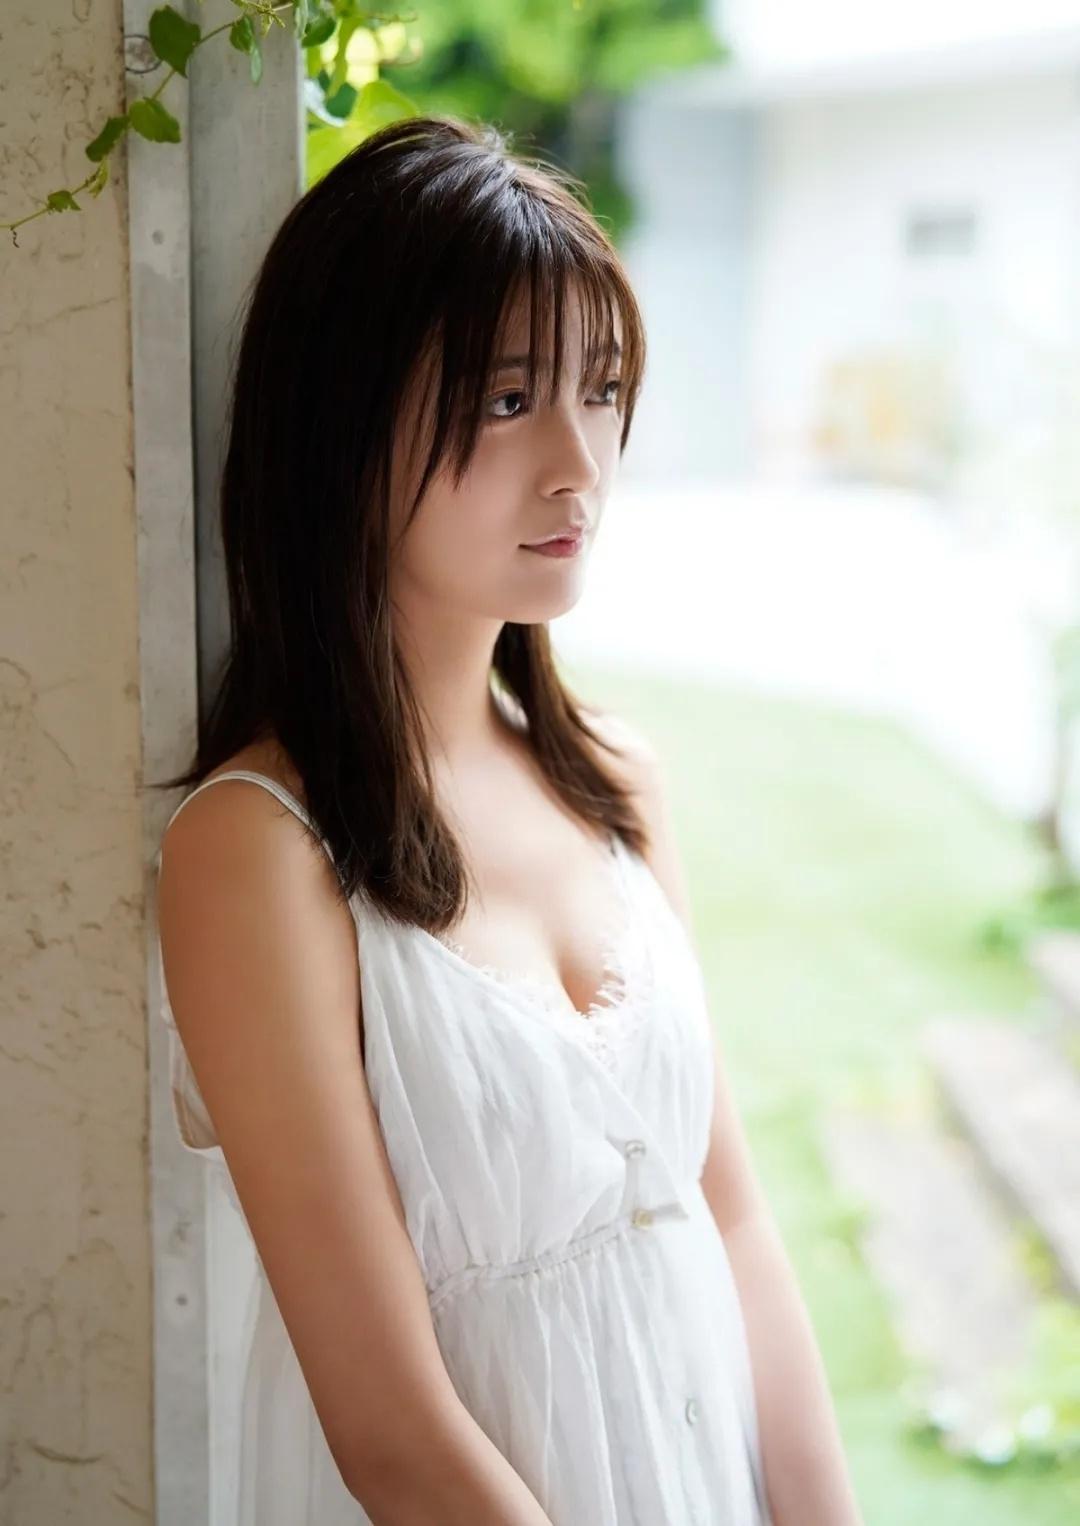 清纯至极人美如其名的工藤美樱写真作品 (11)